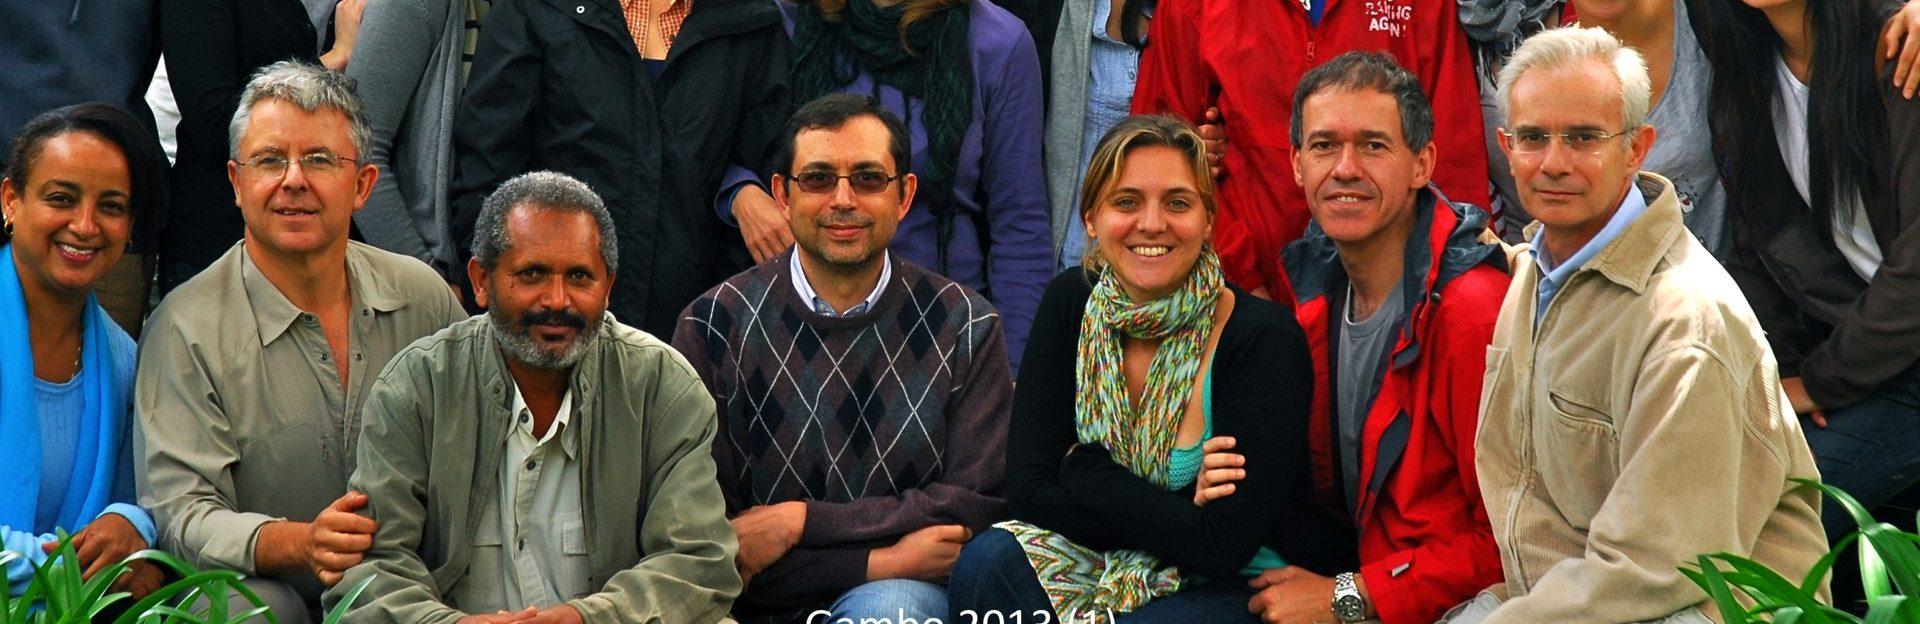 Foto grupo 1 Gambo 2013v2